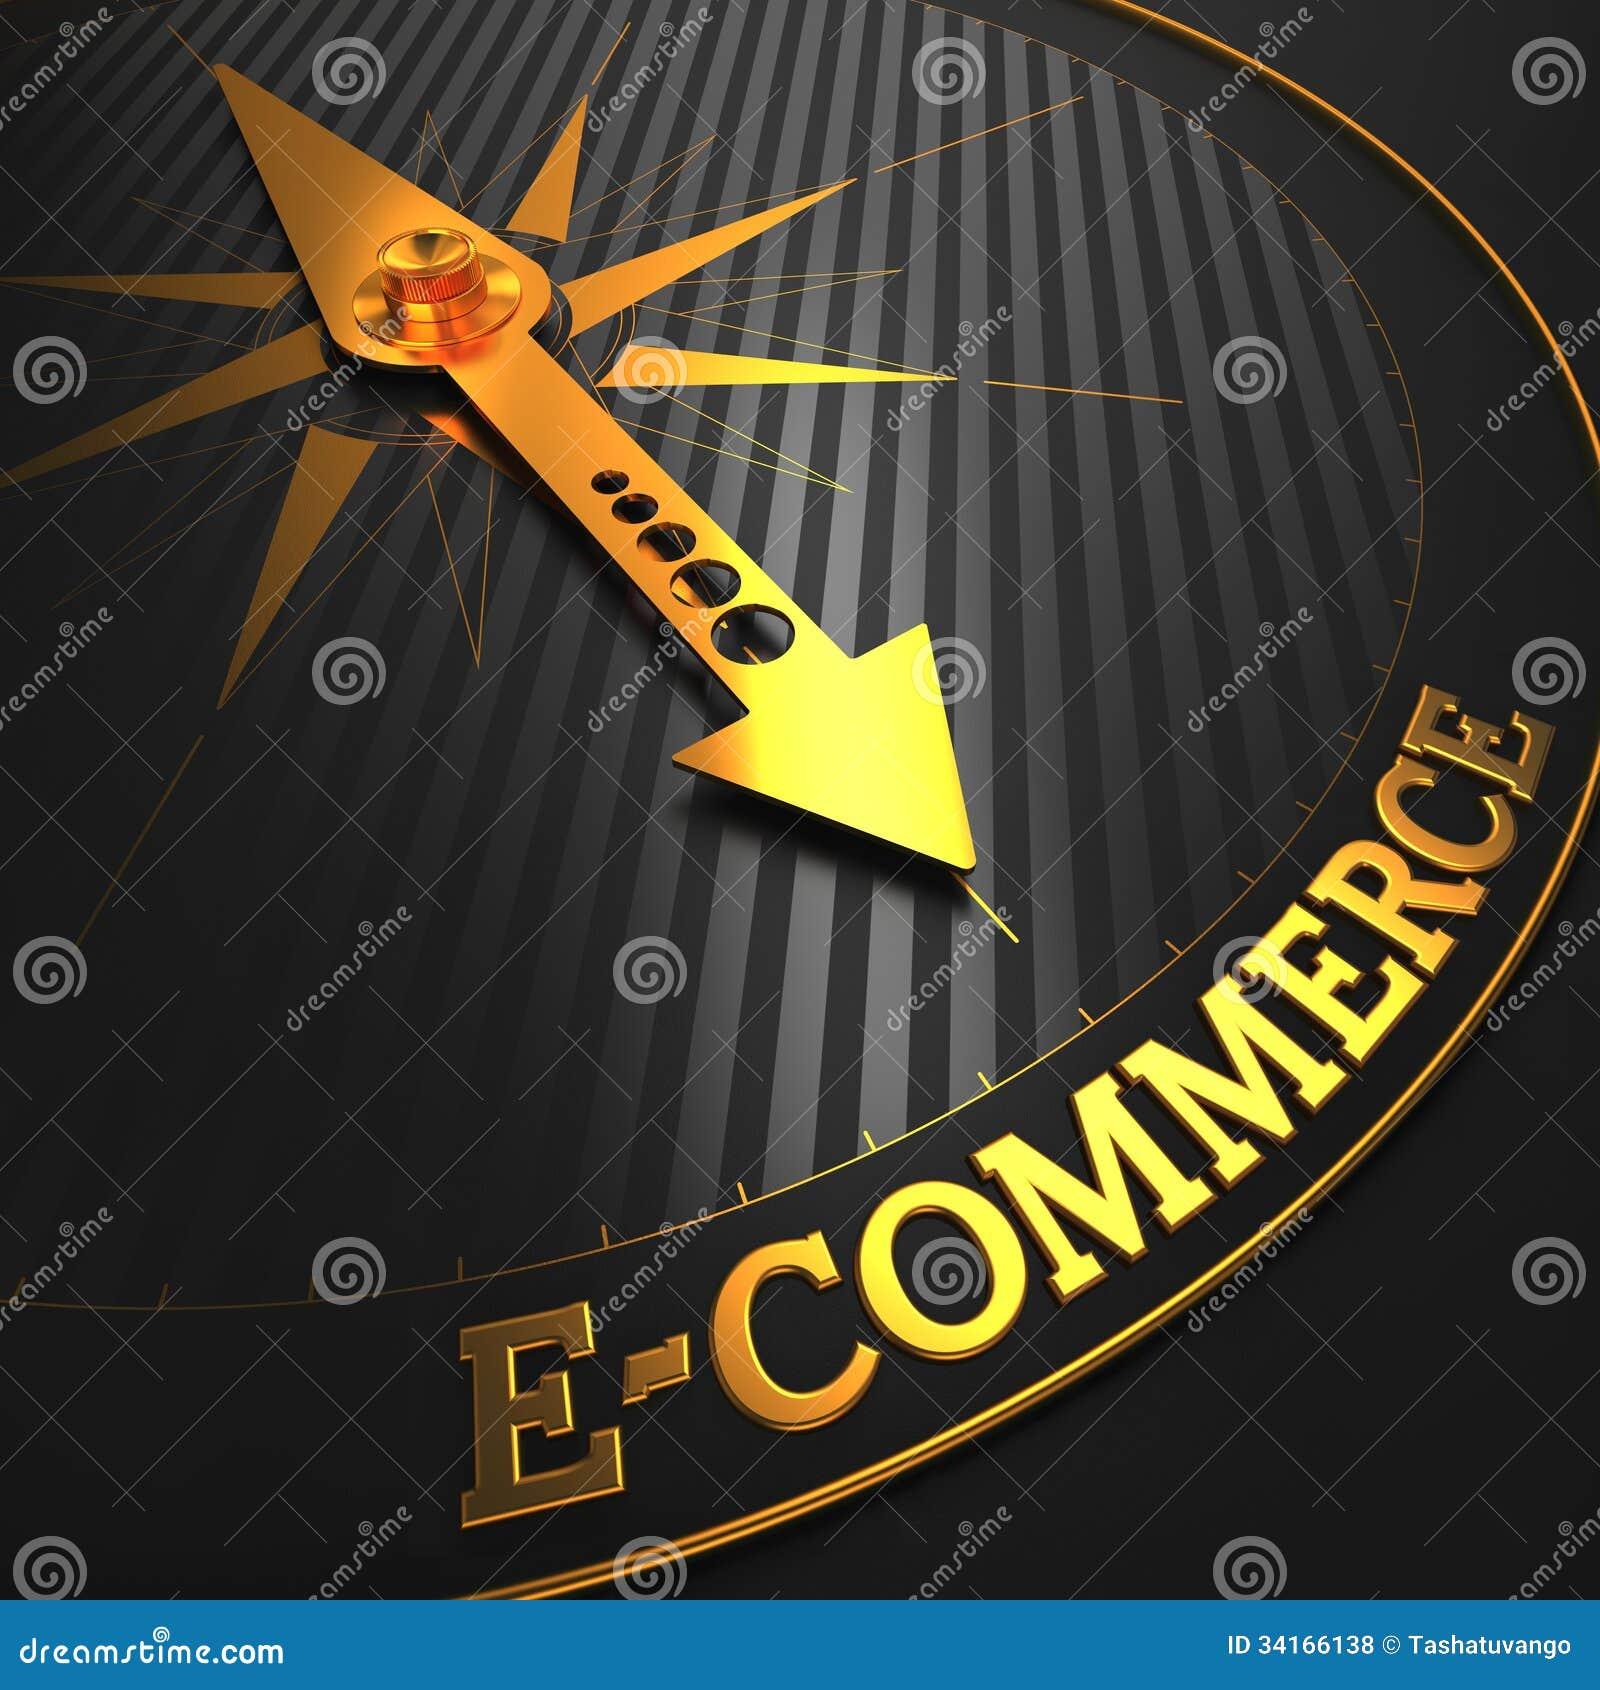 Commerce Hosting